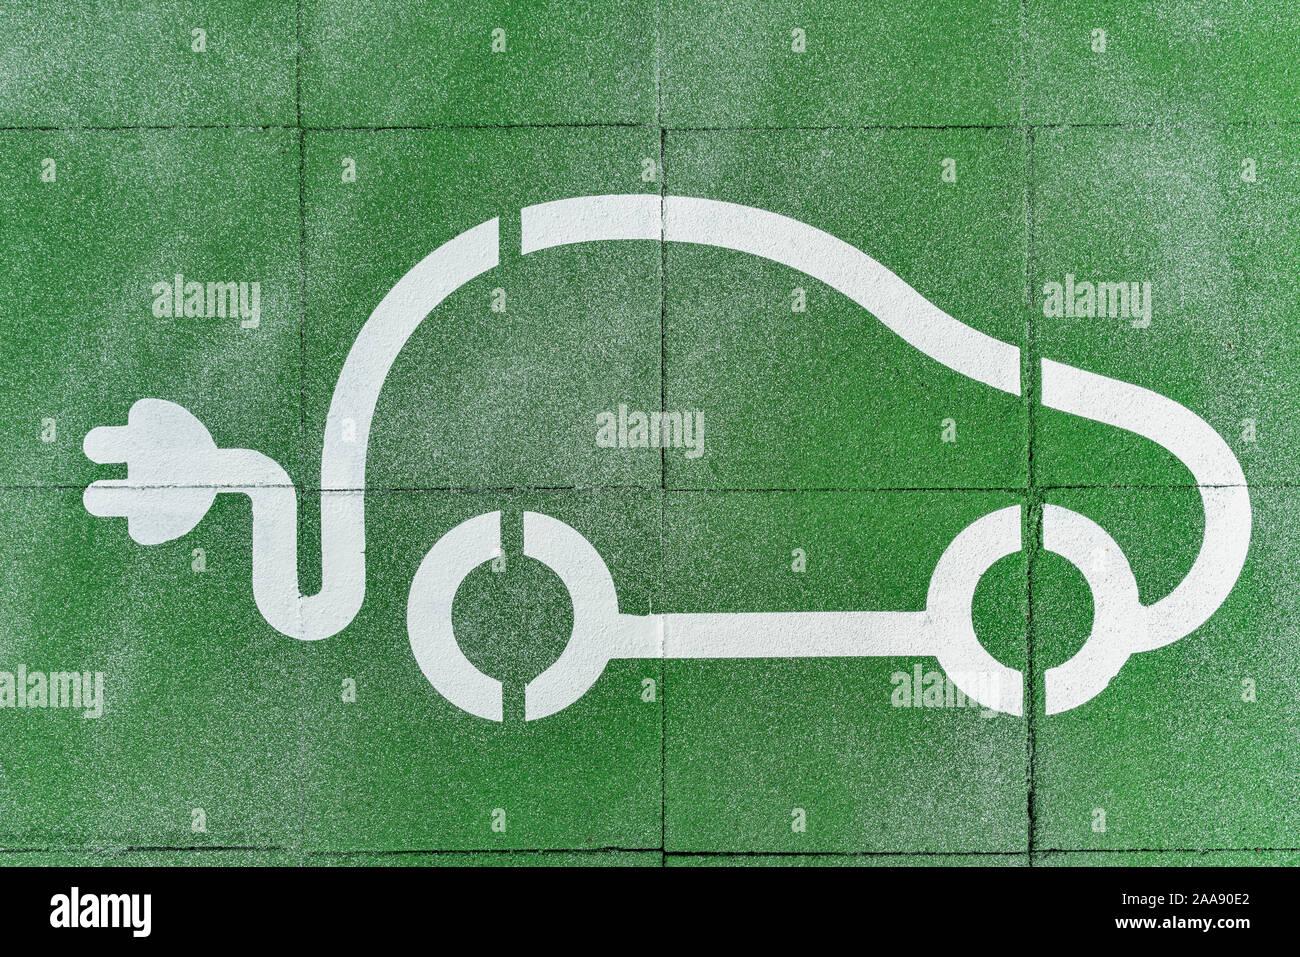 Il simbolo di una vettura con una spina elettrica mostra uno spazio di parcheggio per le auto elettriche Foto Stock